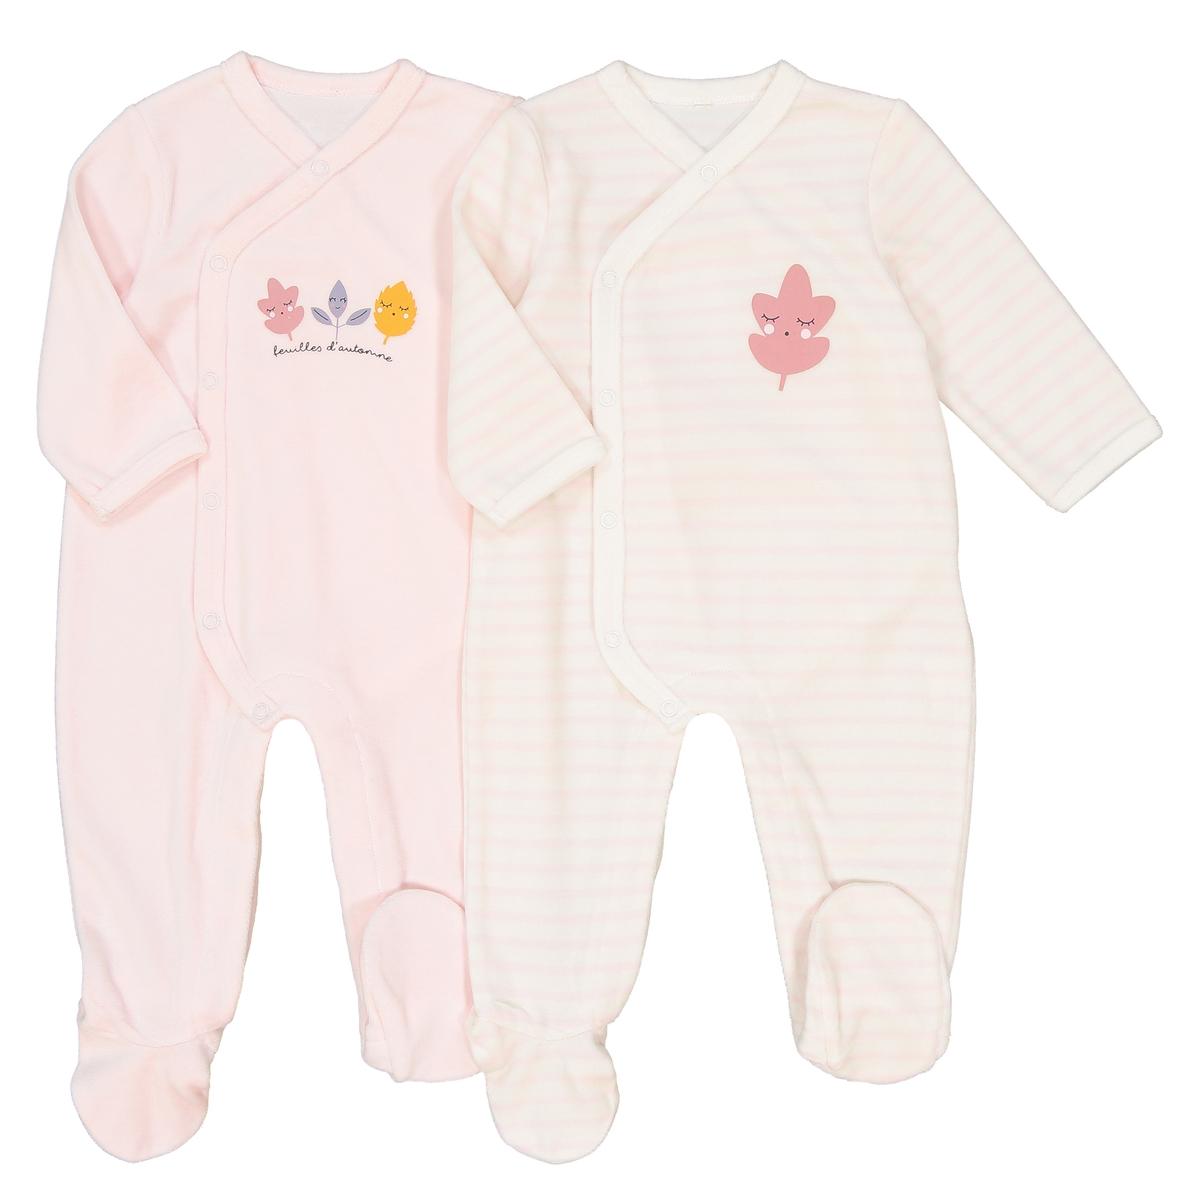 2 пижамы из велюра для новорожденных préma – года